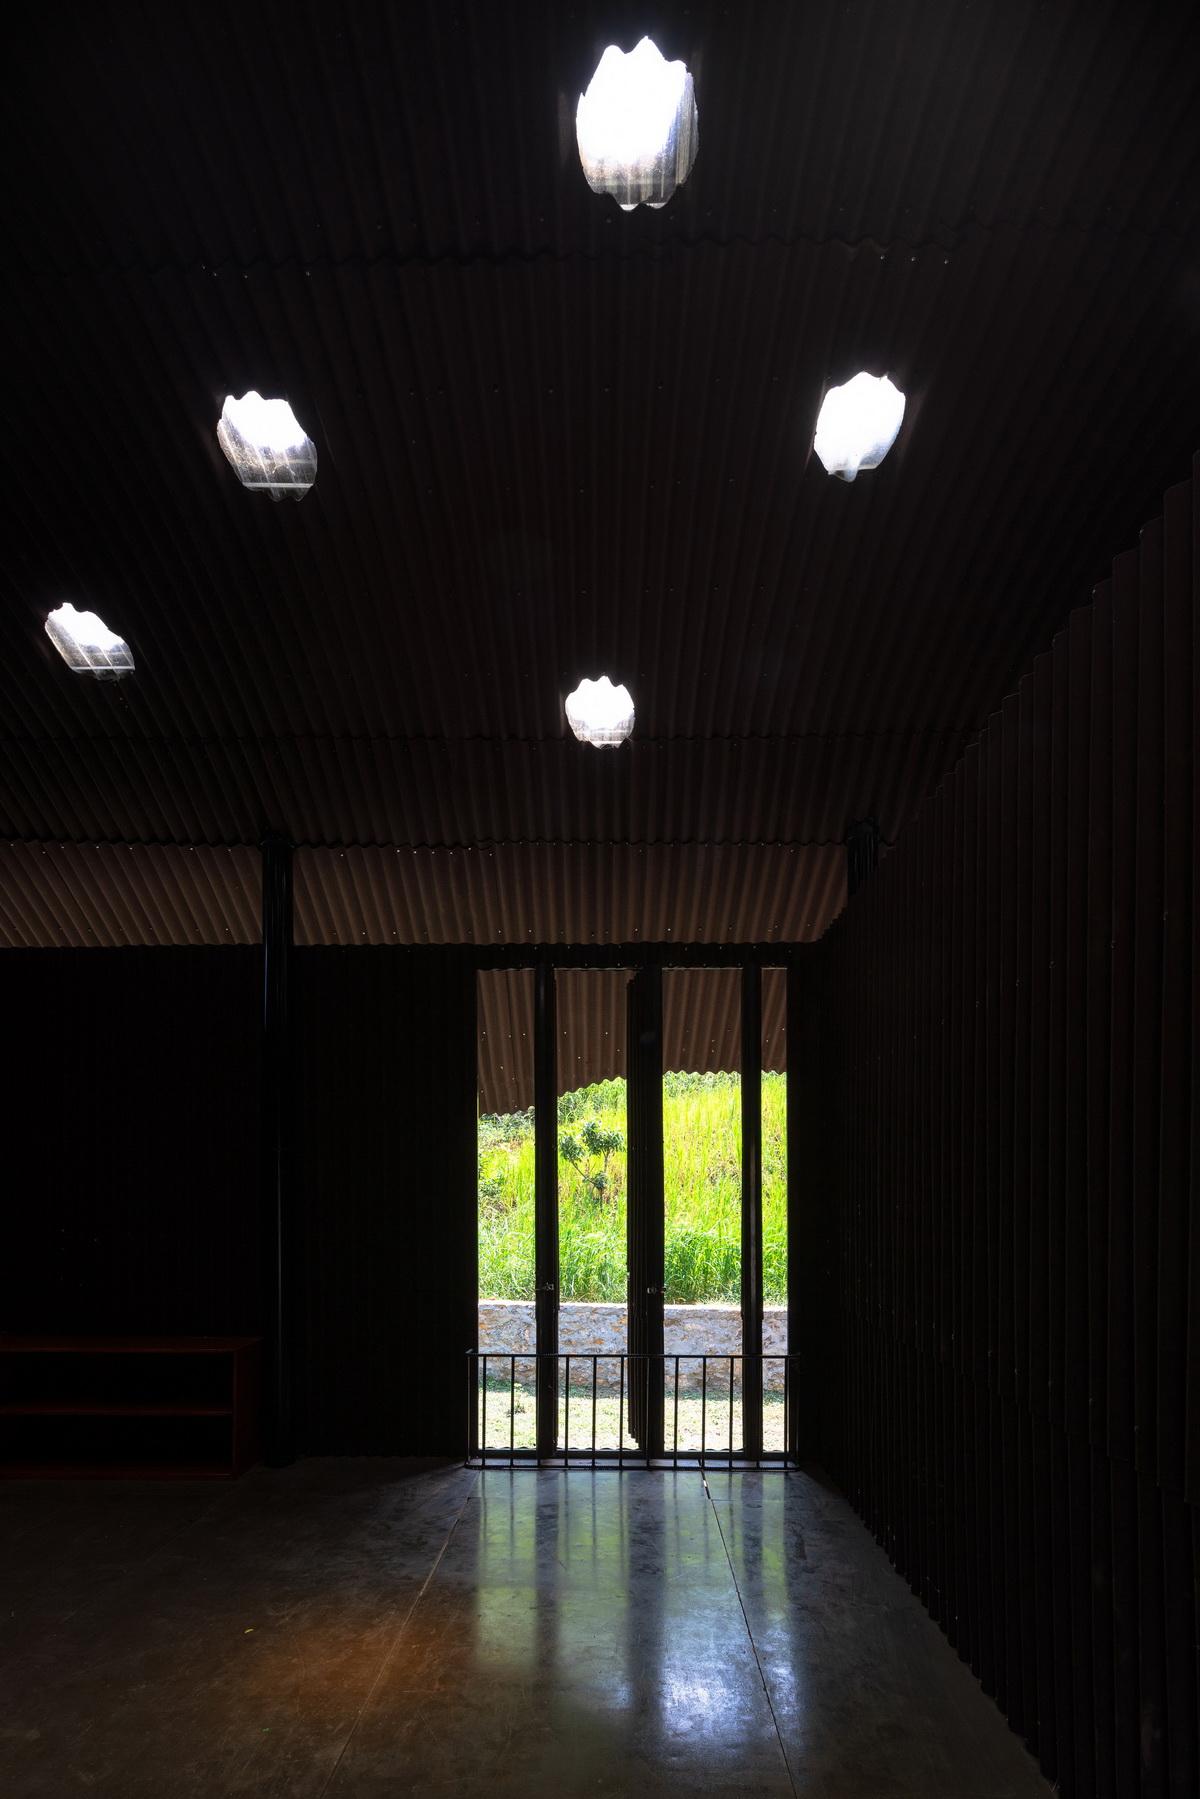 成方圆的孩子_波浪般屋顶下的自由乐园:越南Bó Mon幼儿园 / Kientruc O A3 | 建筑学院